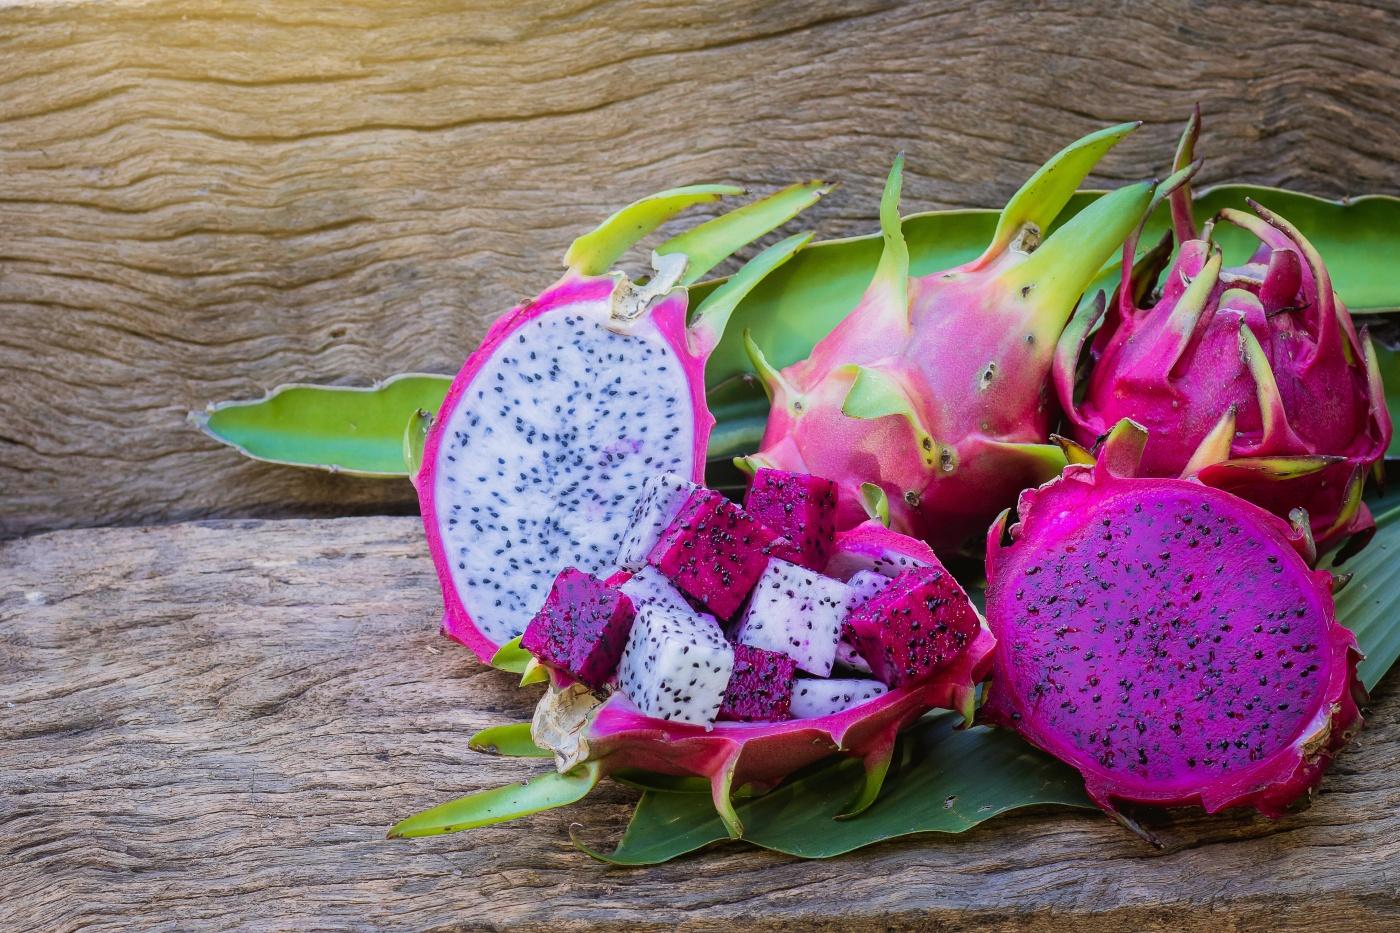 dragon fruit ile ilgili görsel sonucu